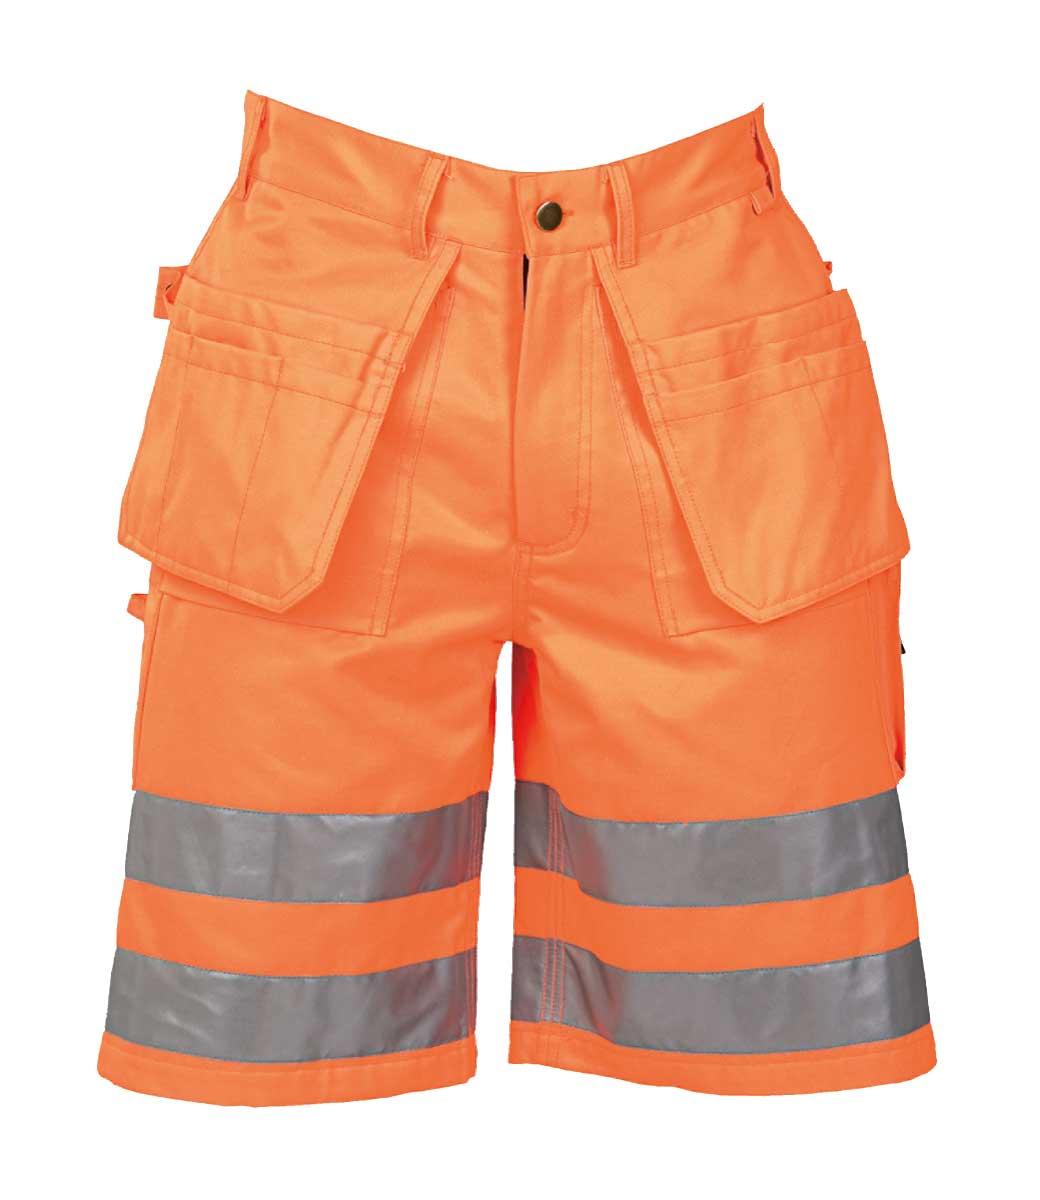 04b56ef7 Oransje shorts - klasse 2 ~ Ezzenza.no Arbeidsklær